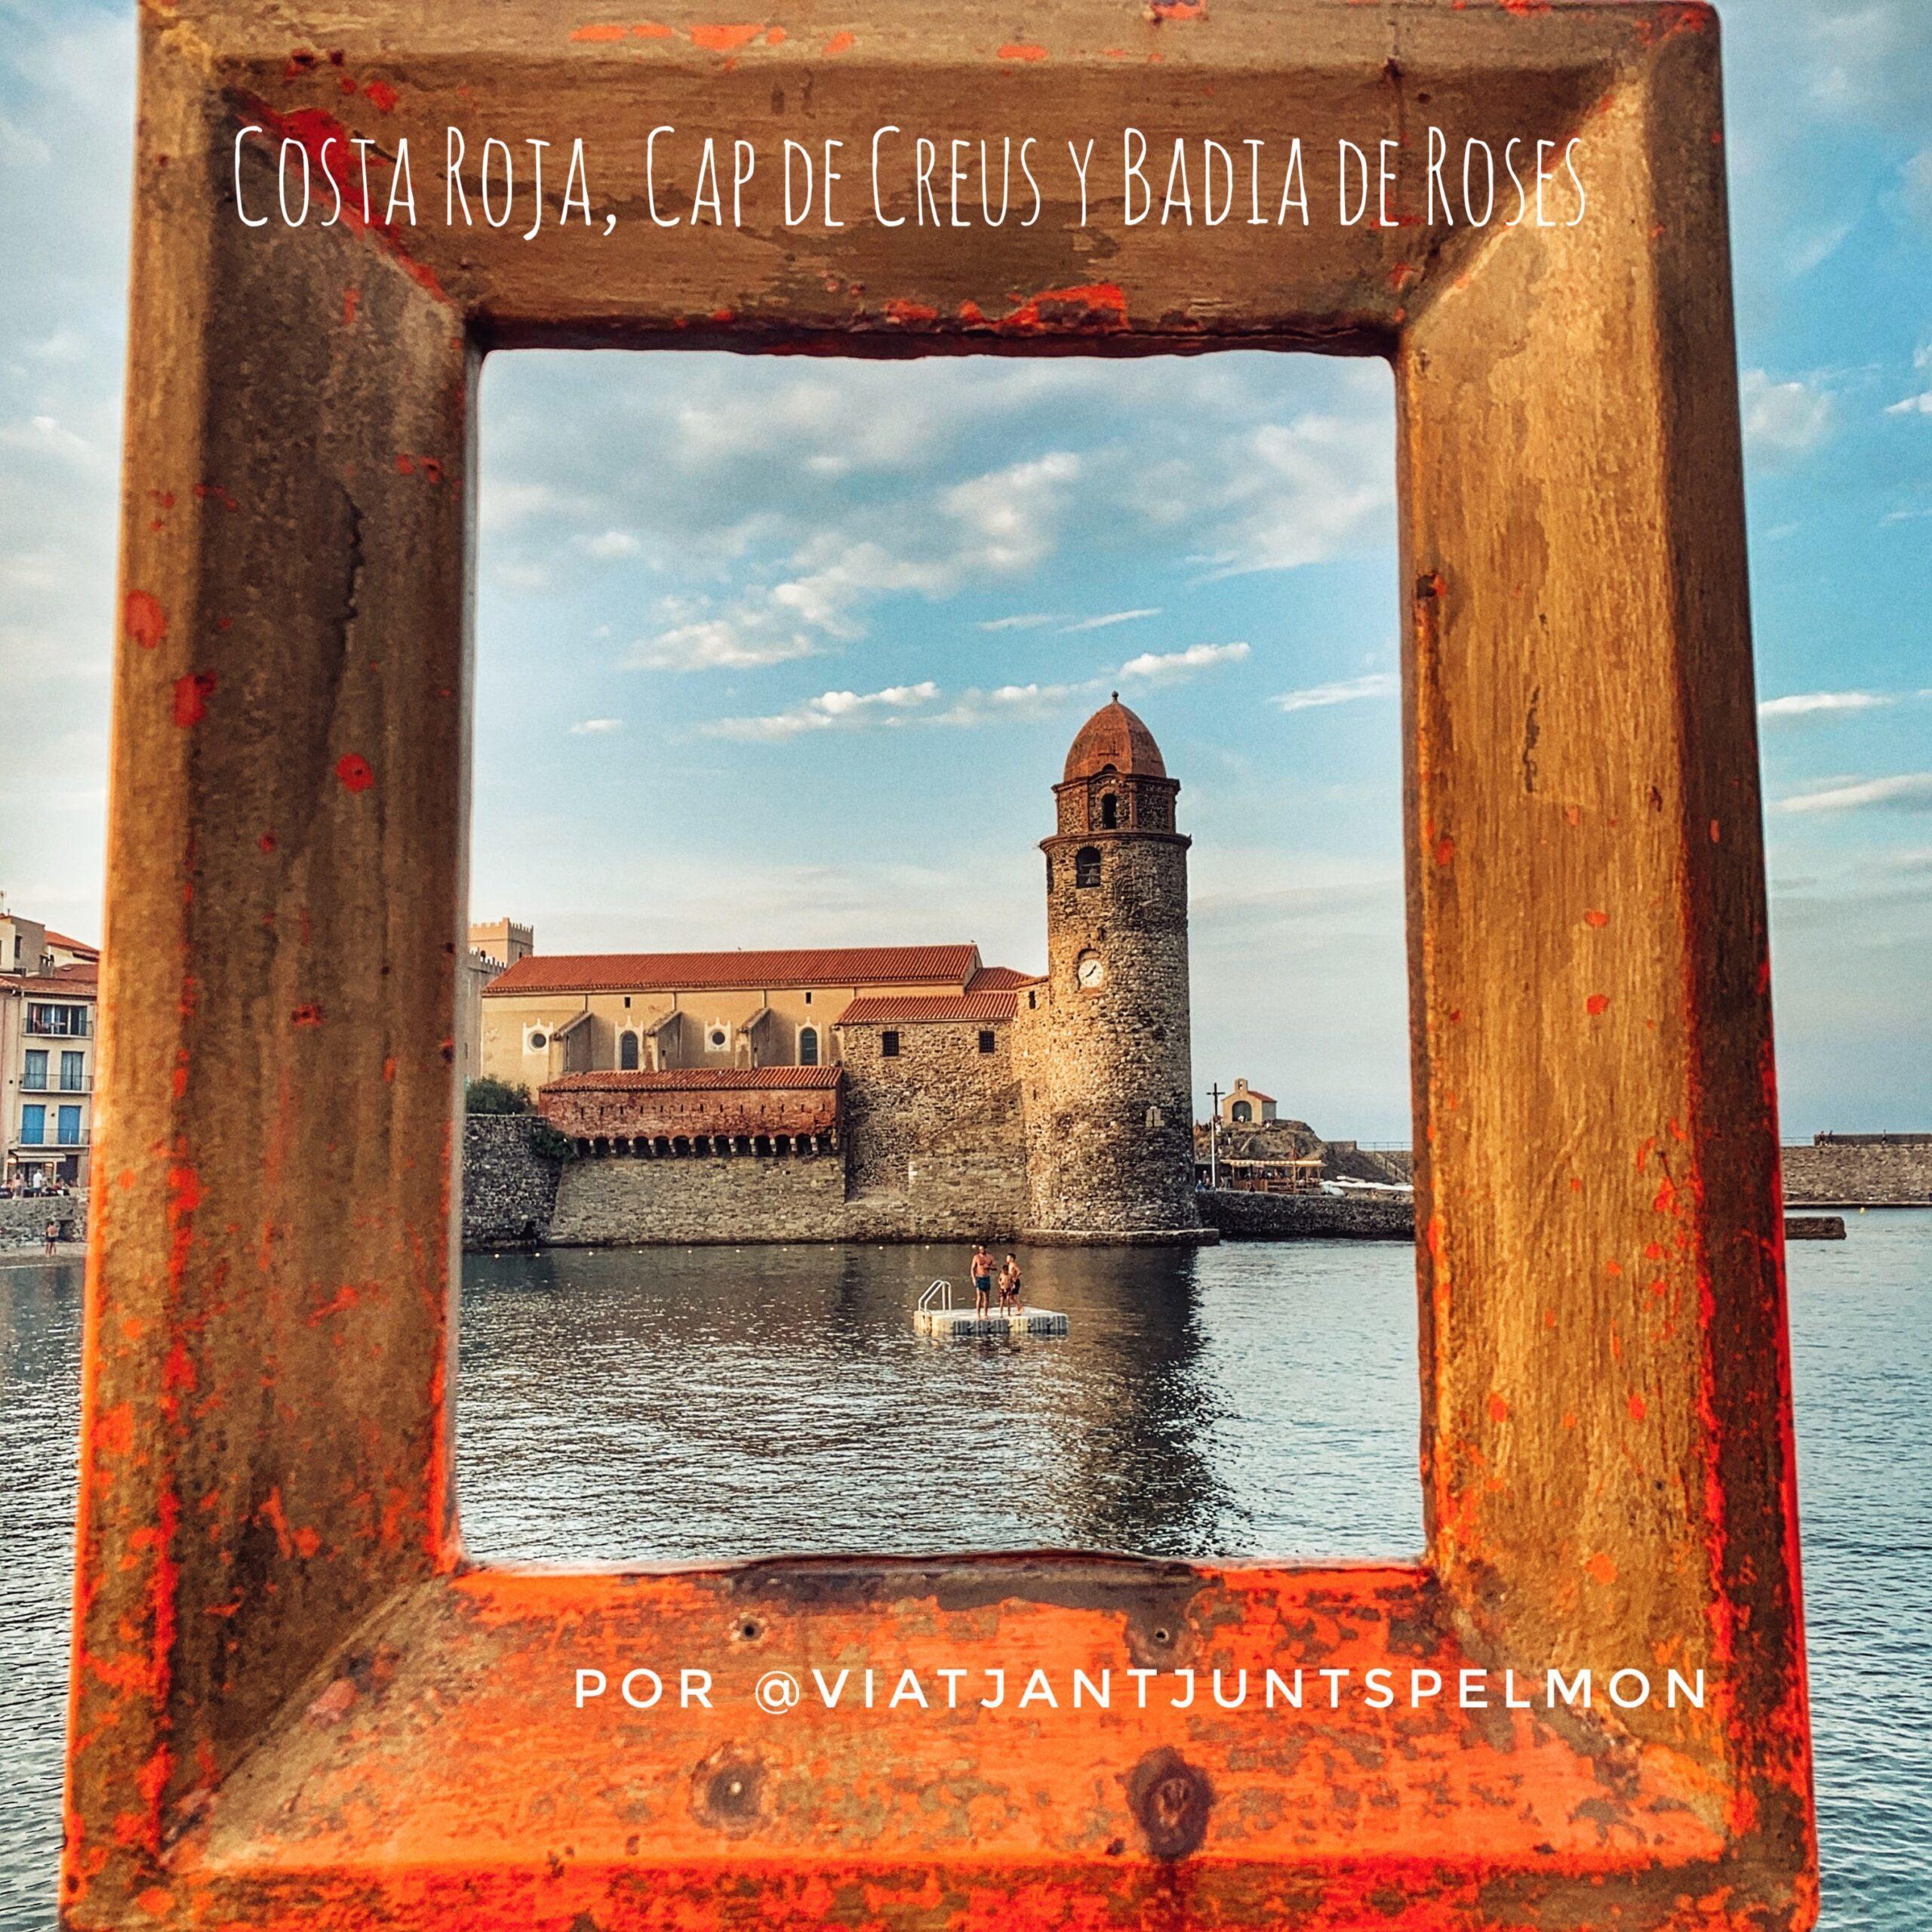 Costa Vermella francesa, Cap de Creus i la Badia de Roses en autocaravana en 11 plans per @viatjantjutspelmon